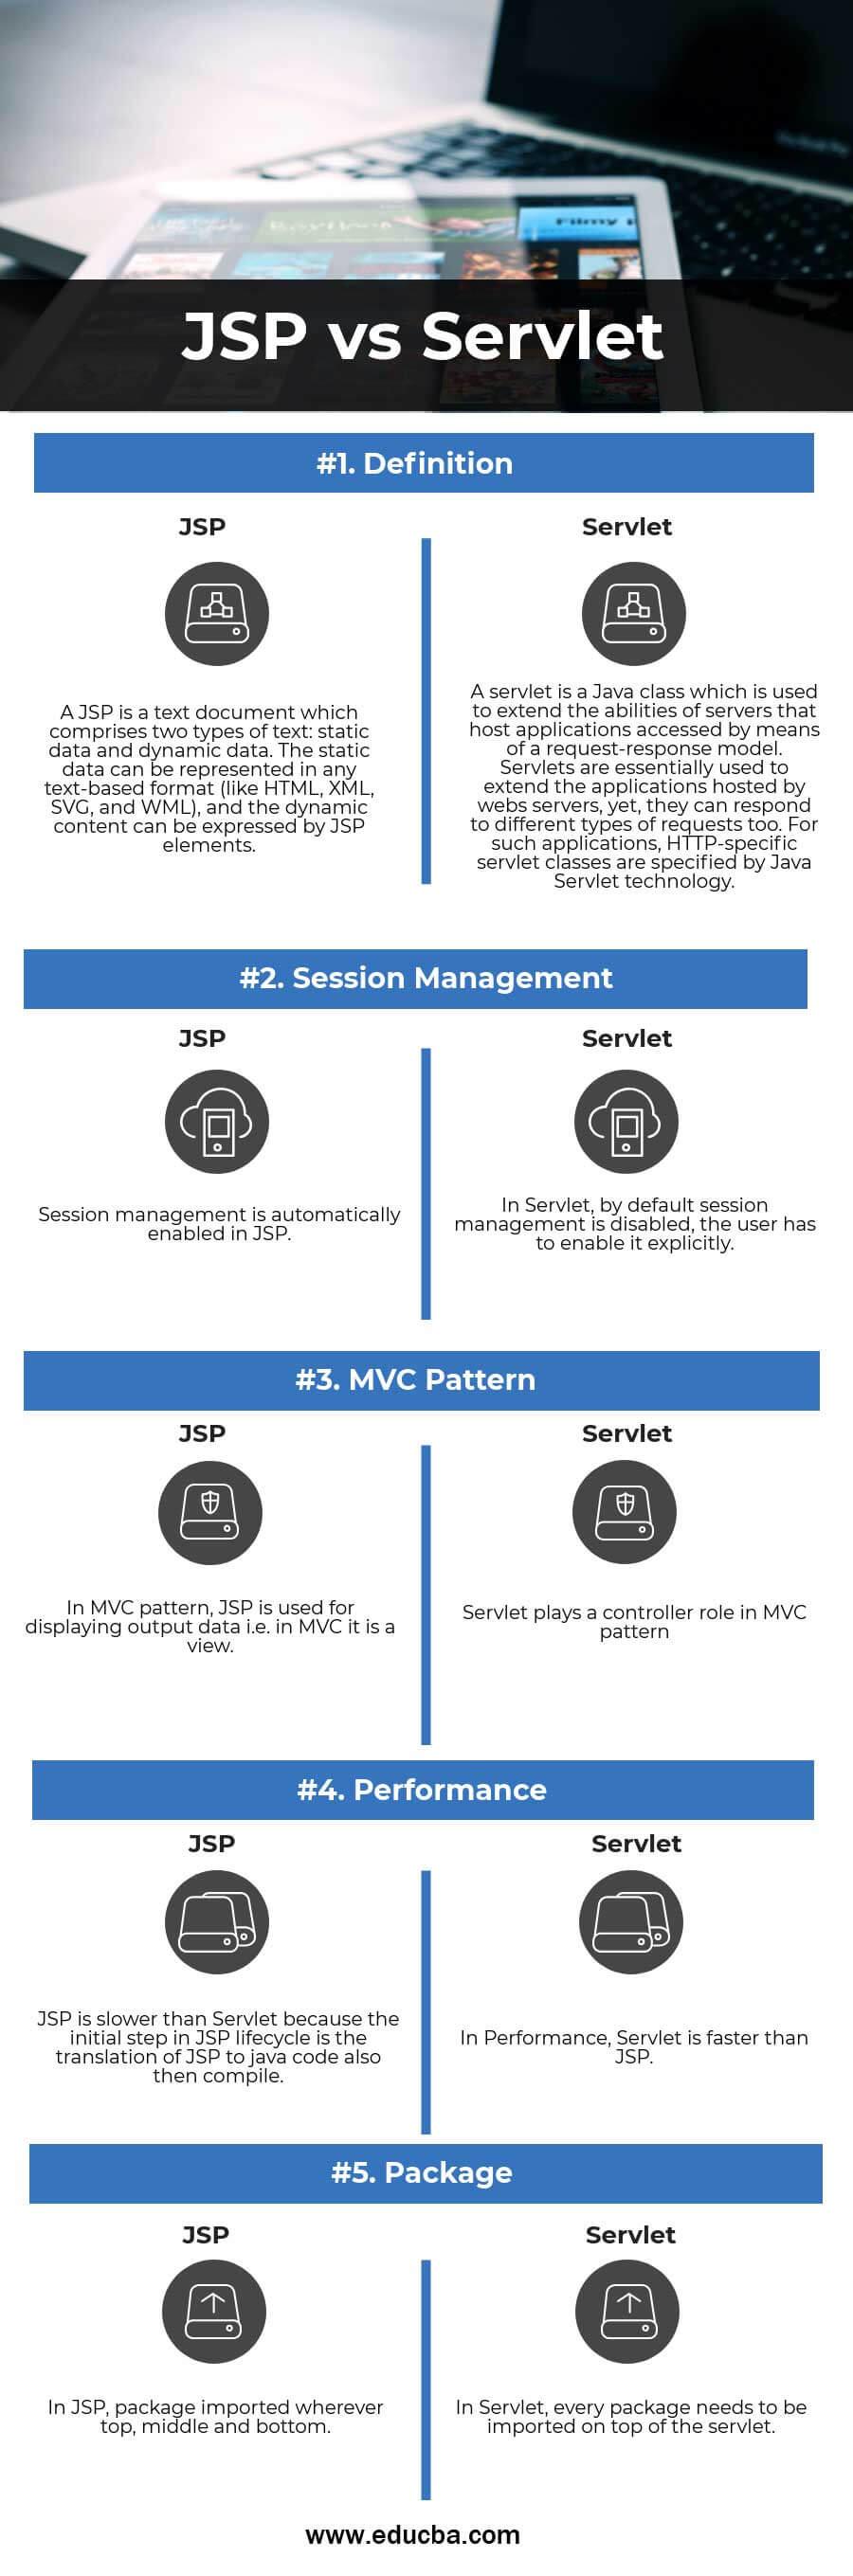 JSP vs Servlet | Know The Top 5 Differeces Between JSP vs Servlet